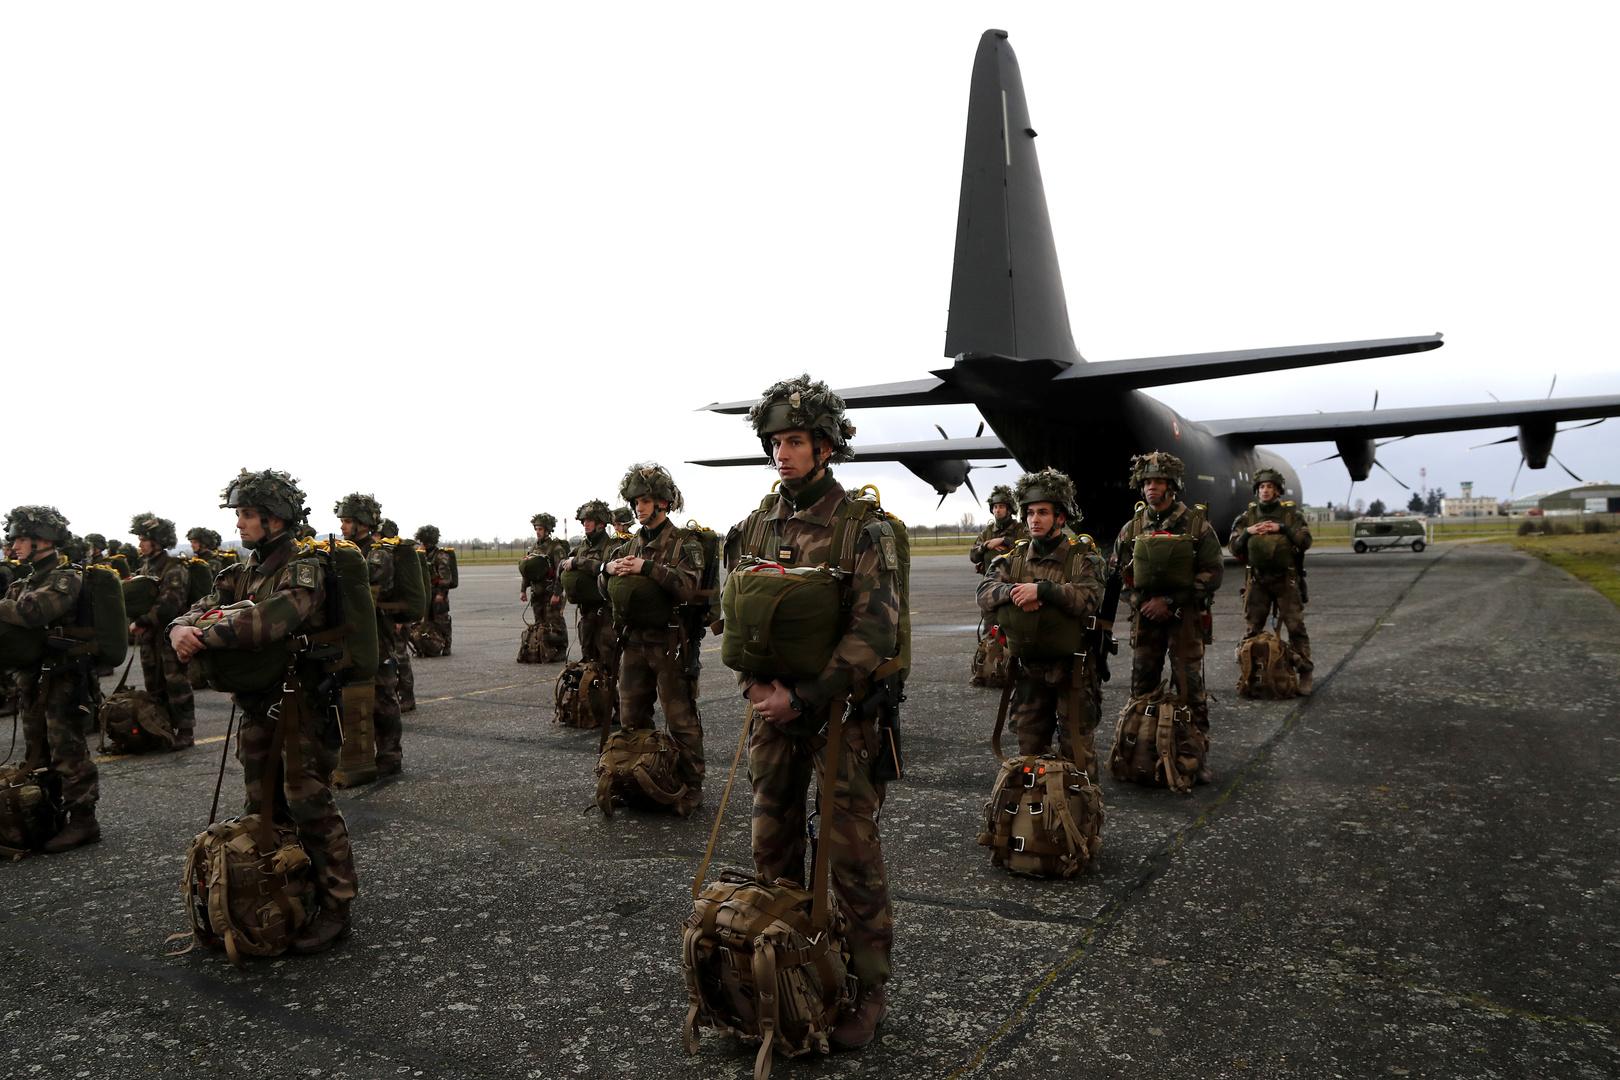 فرنسا لا تعتزم سحب قواتها من العراق بعد الضربات الإيرانية